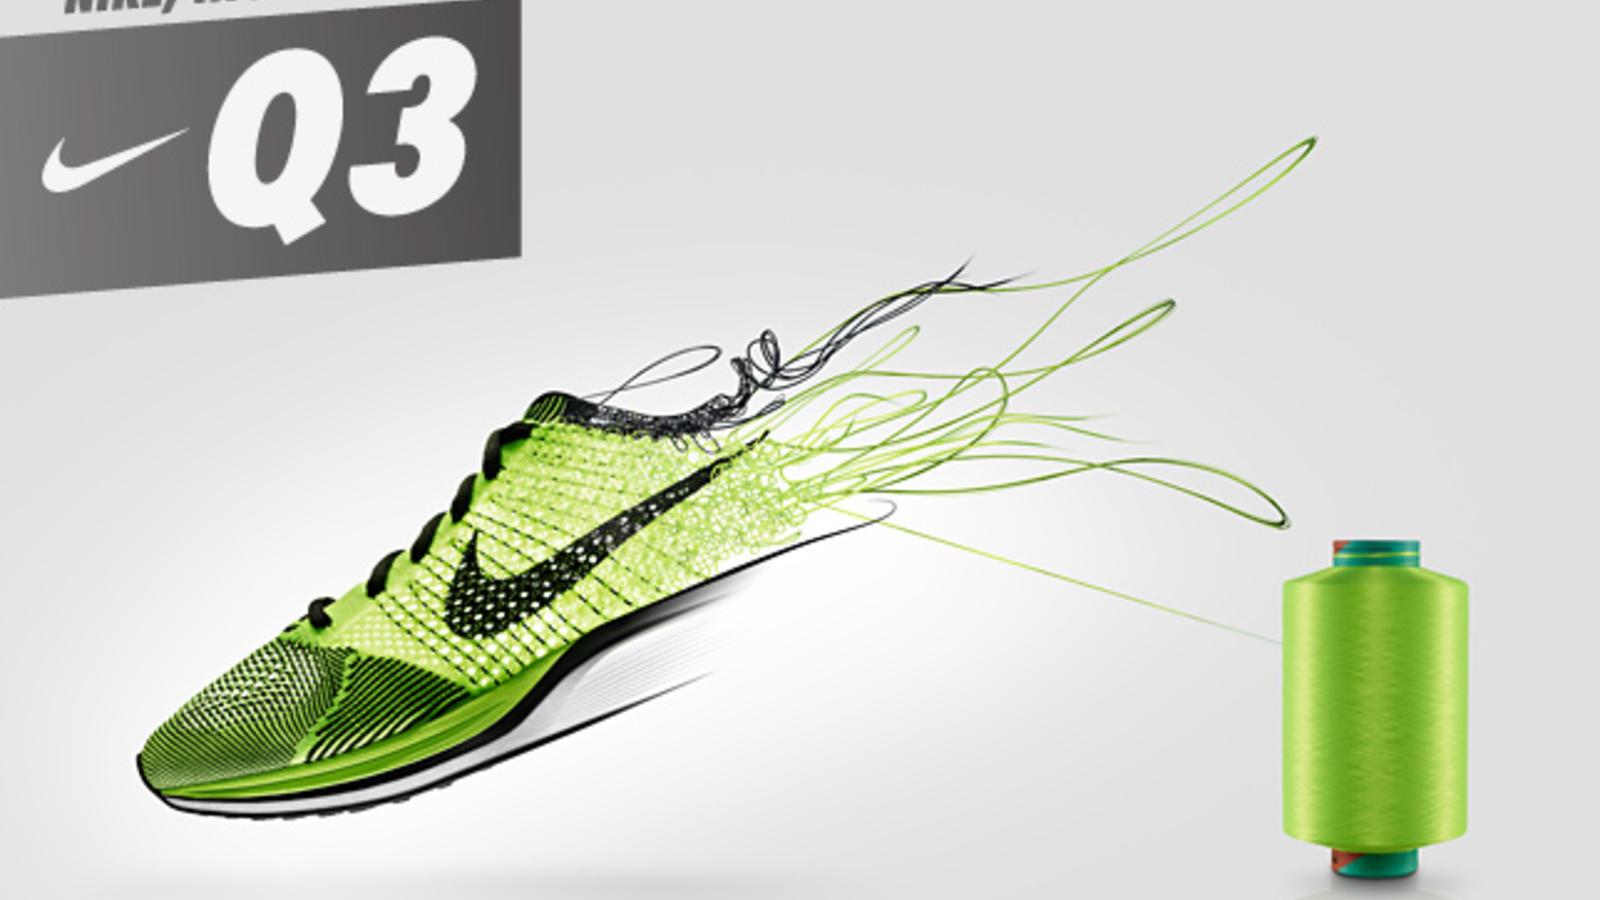 FY_2012_Q3_Flyknit_Earnings_Final